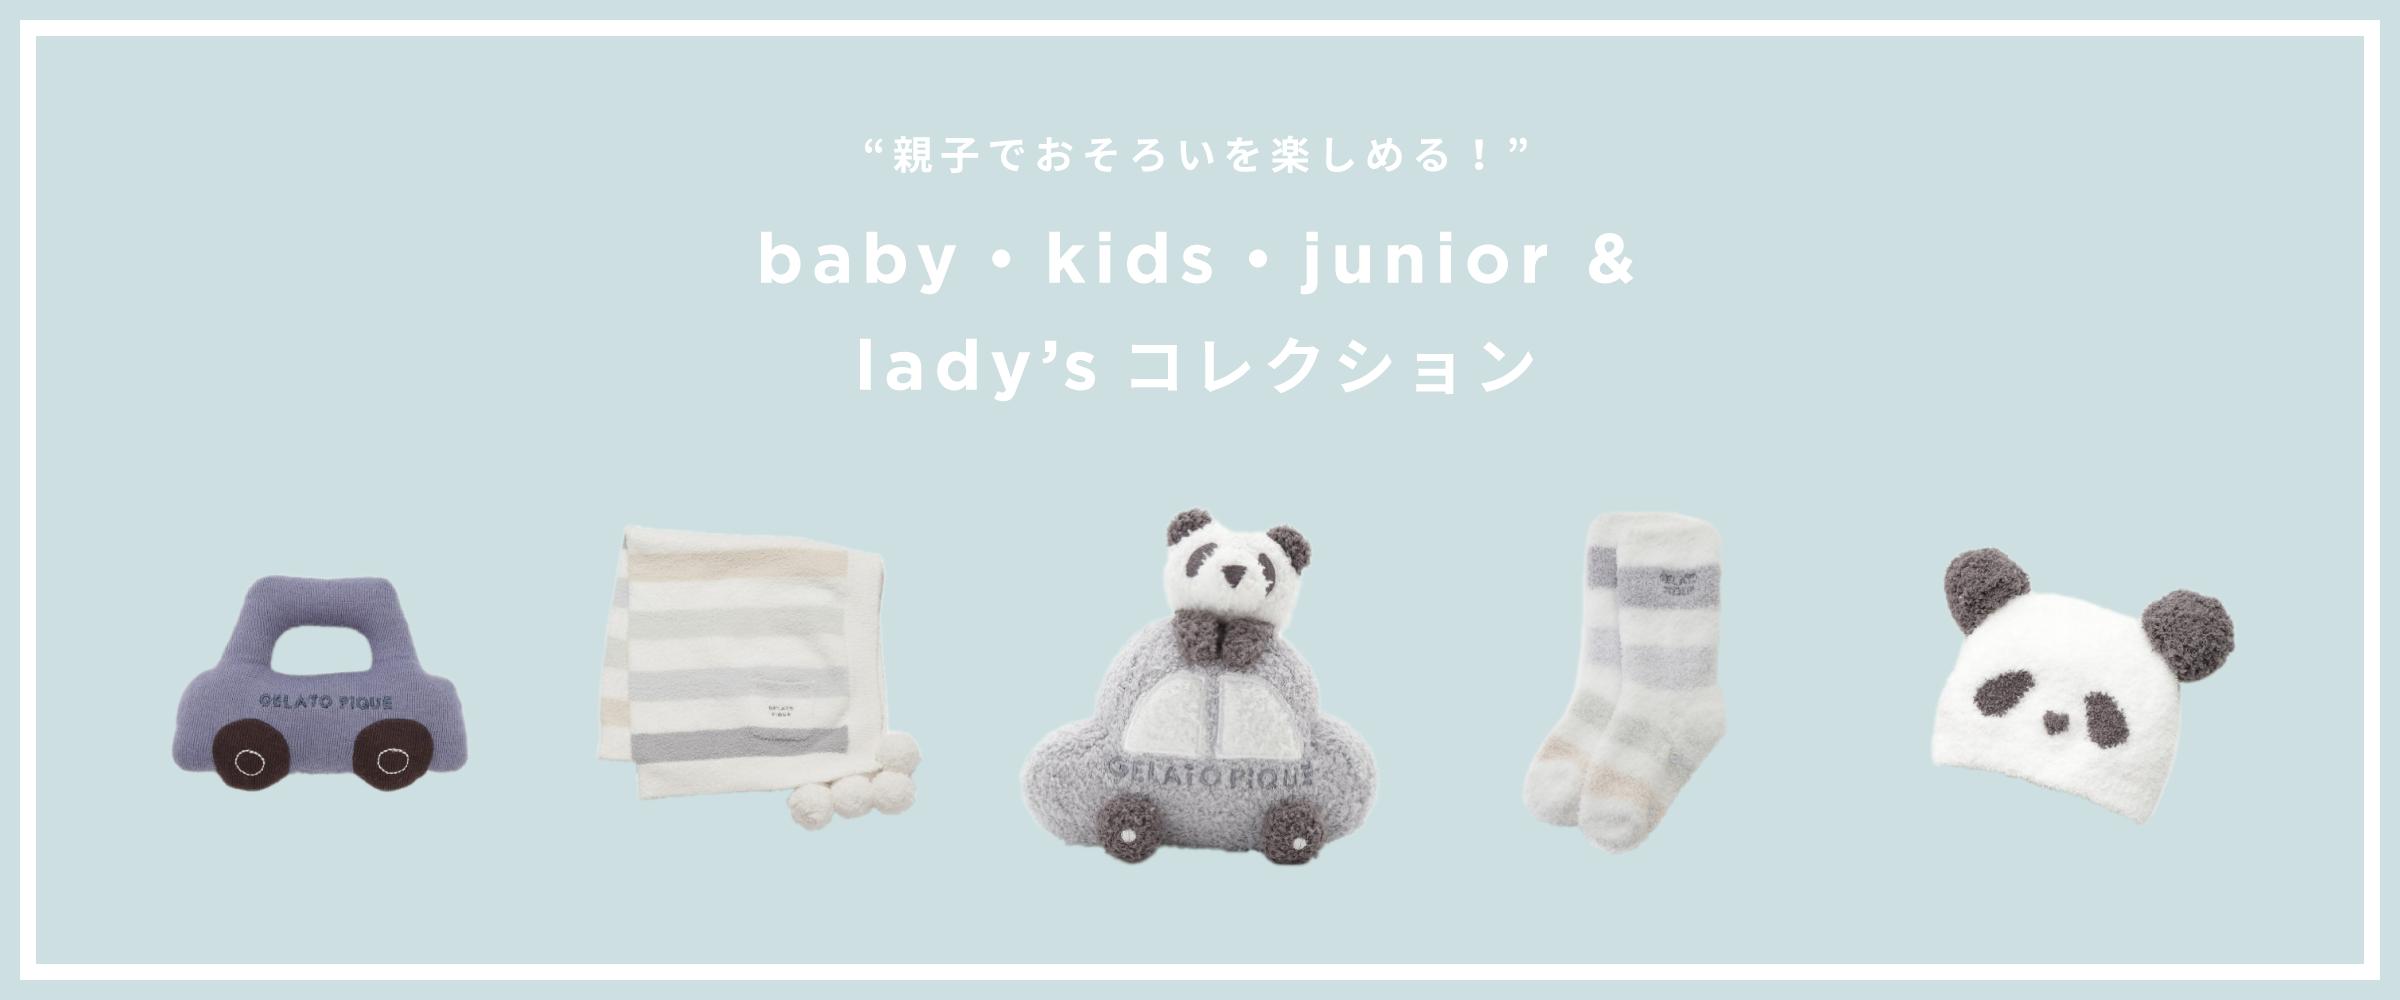 親子でおそろいを楽しめる! baby・kids・junior&lady'sコレクション